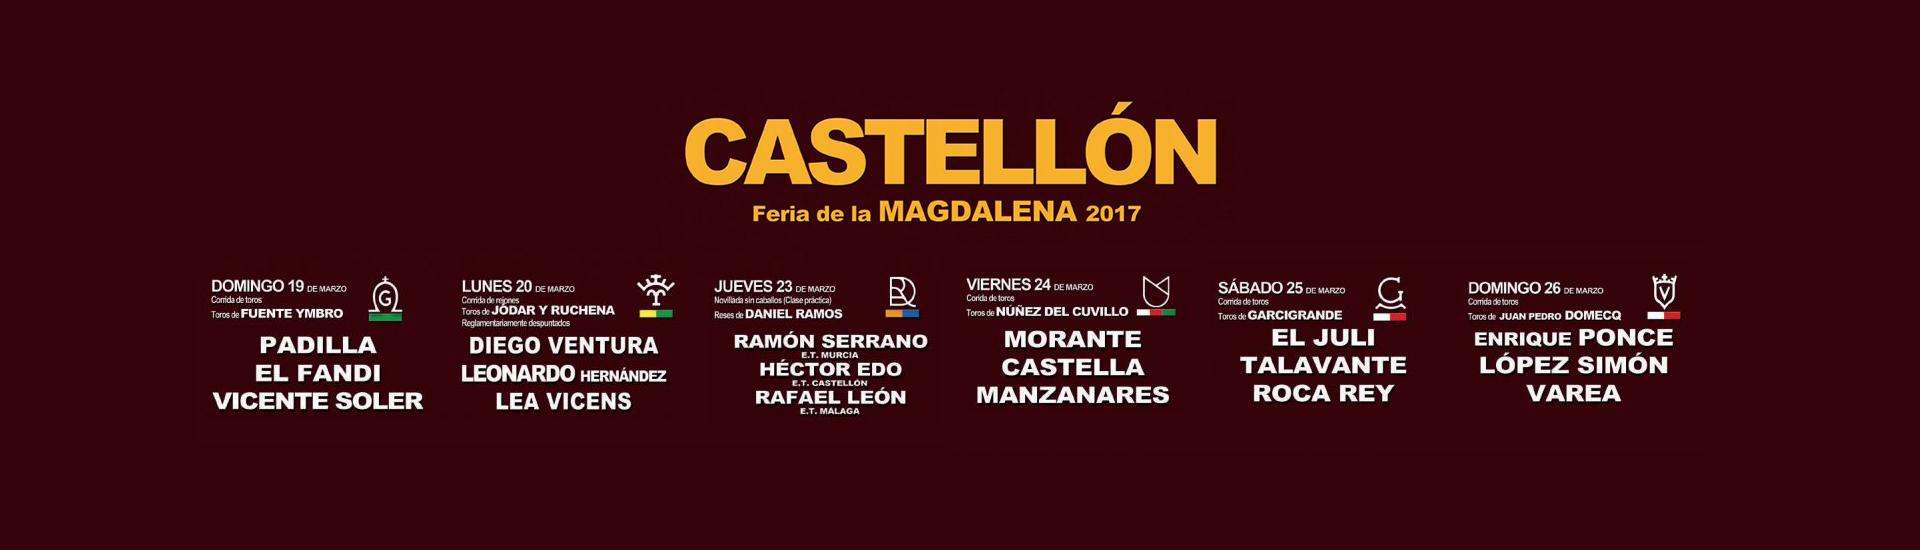 Corridas de Toros de Magdalena en Castellón